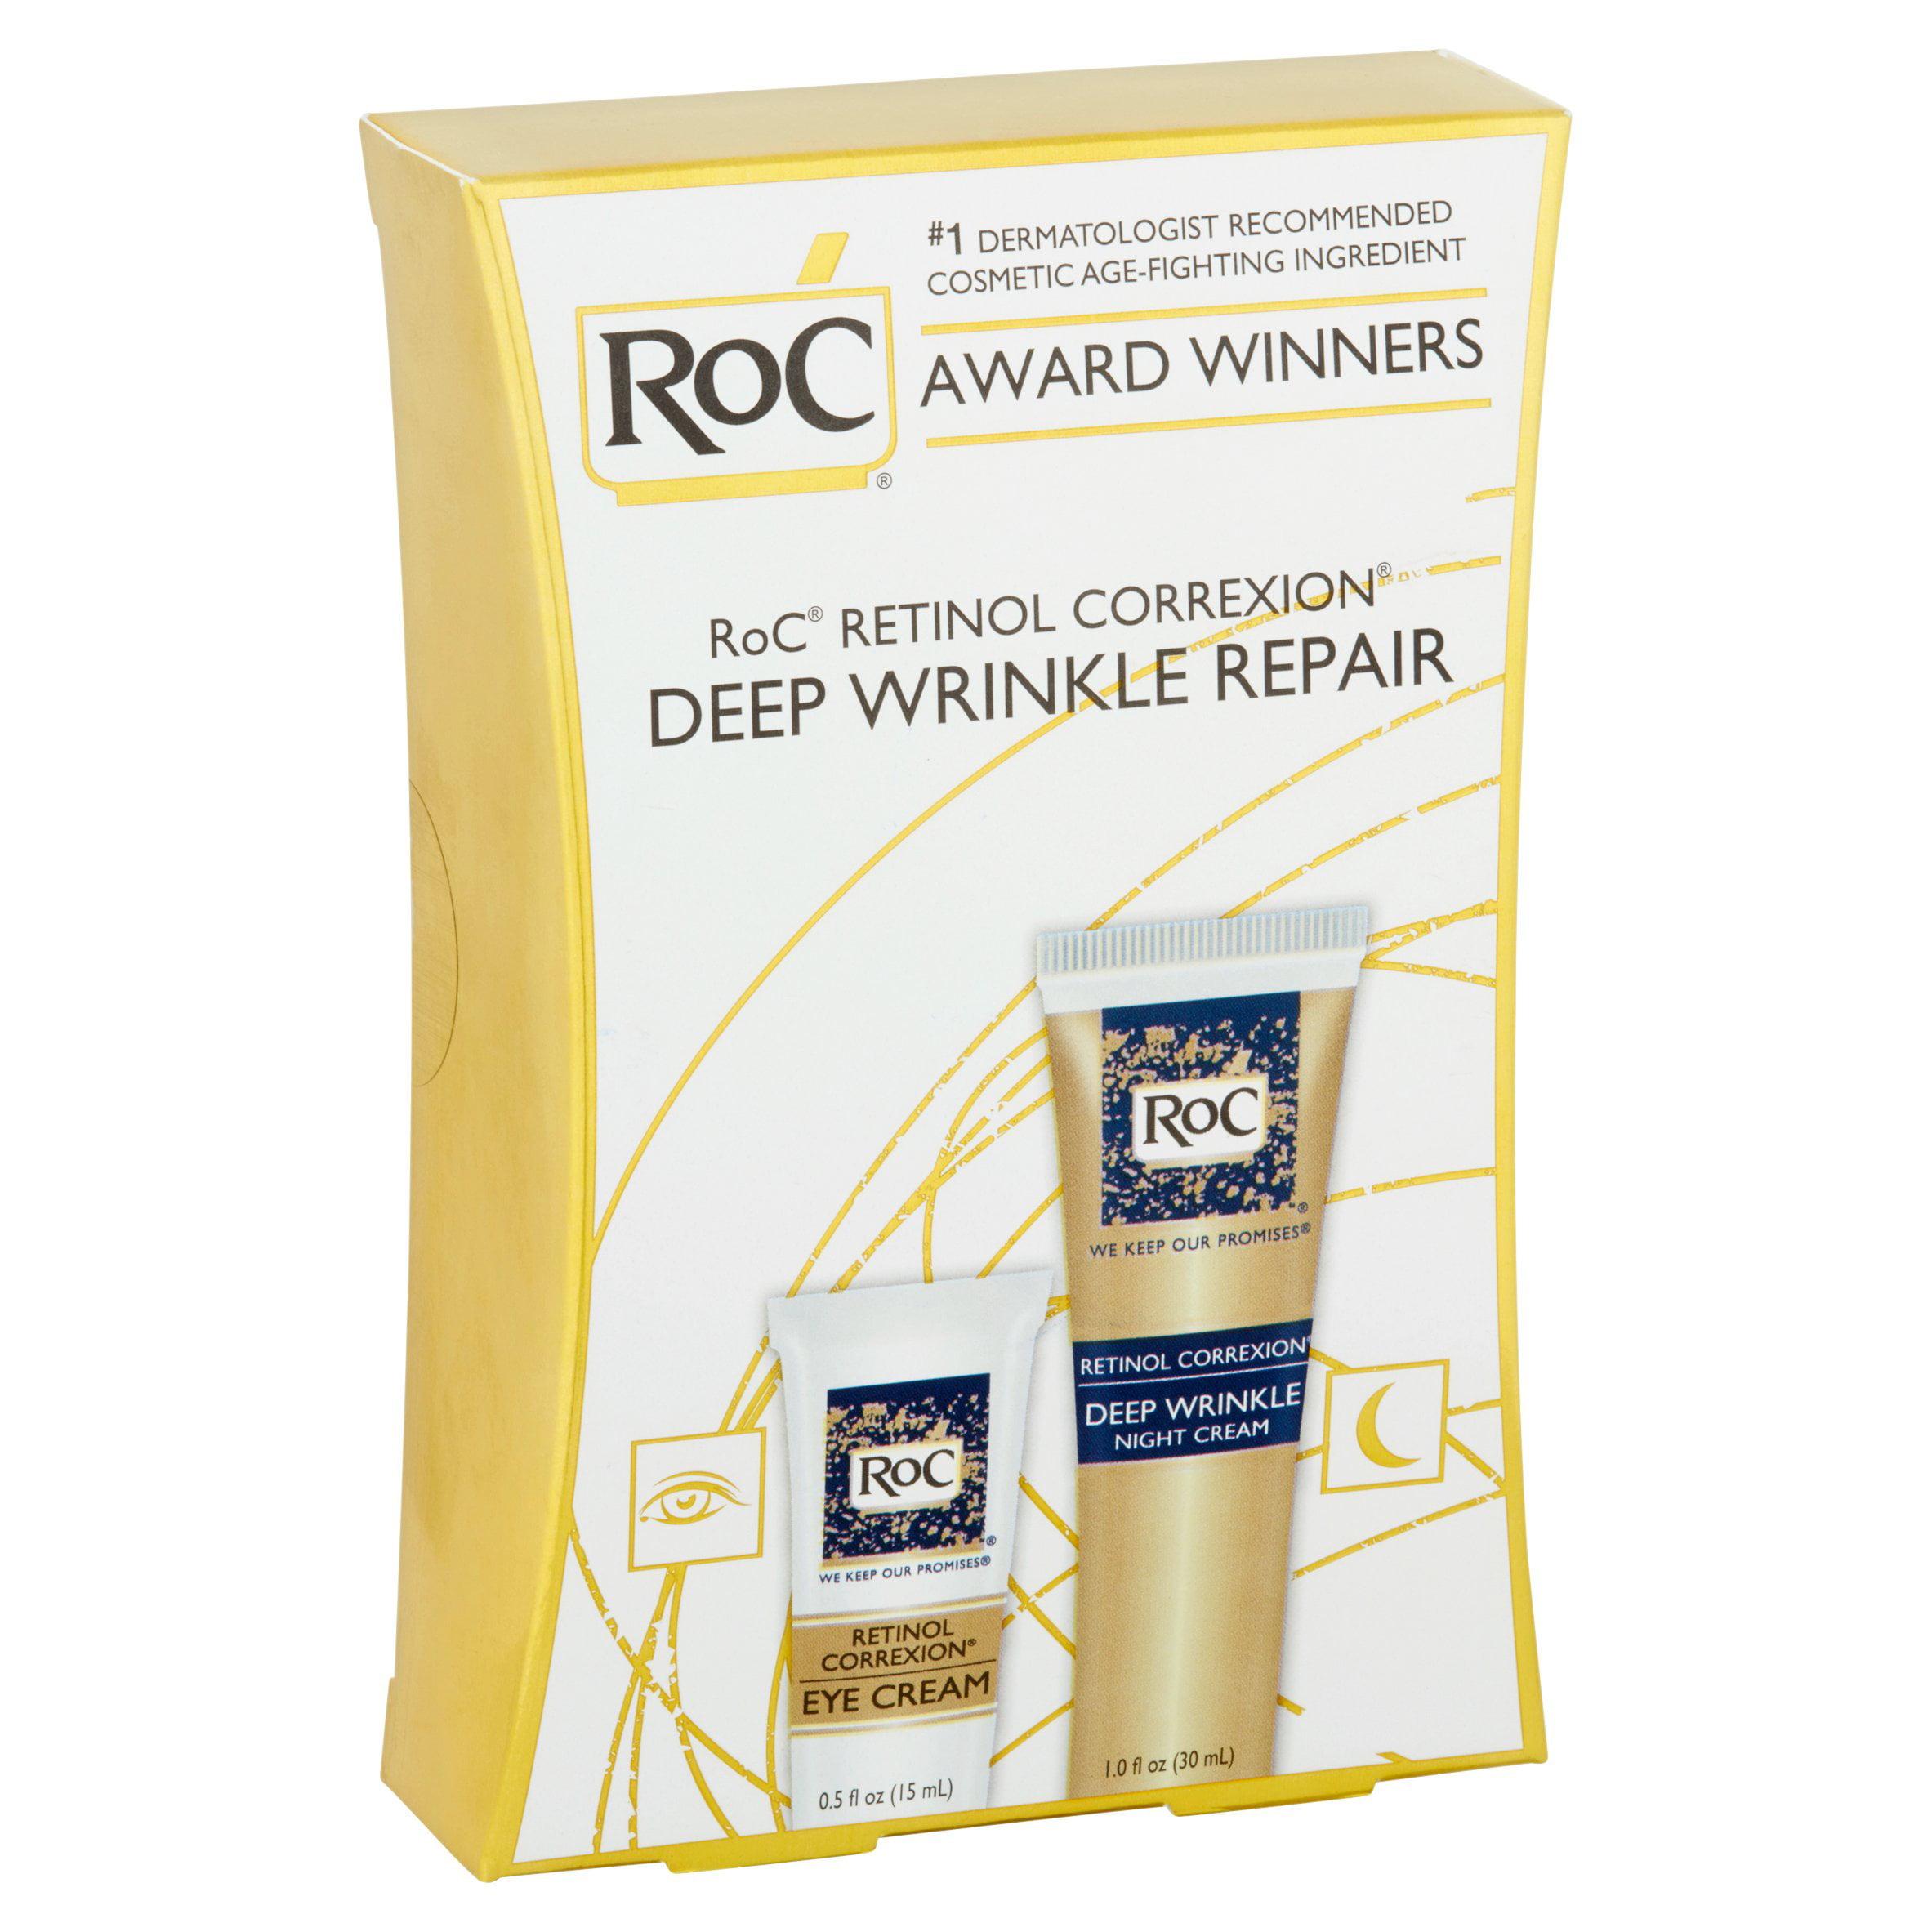 Roc Retinol Wrinkle Repair Anti Aging Kit Walmart Com Walmart Com